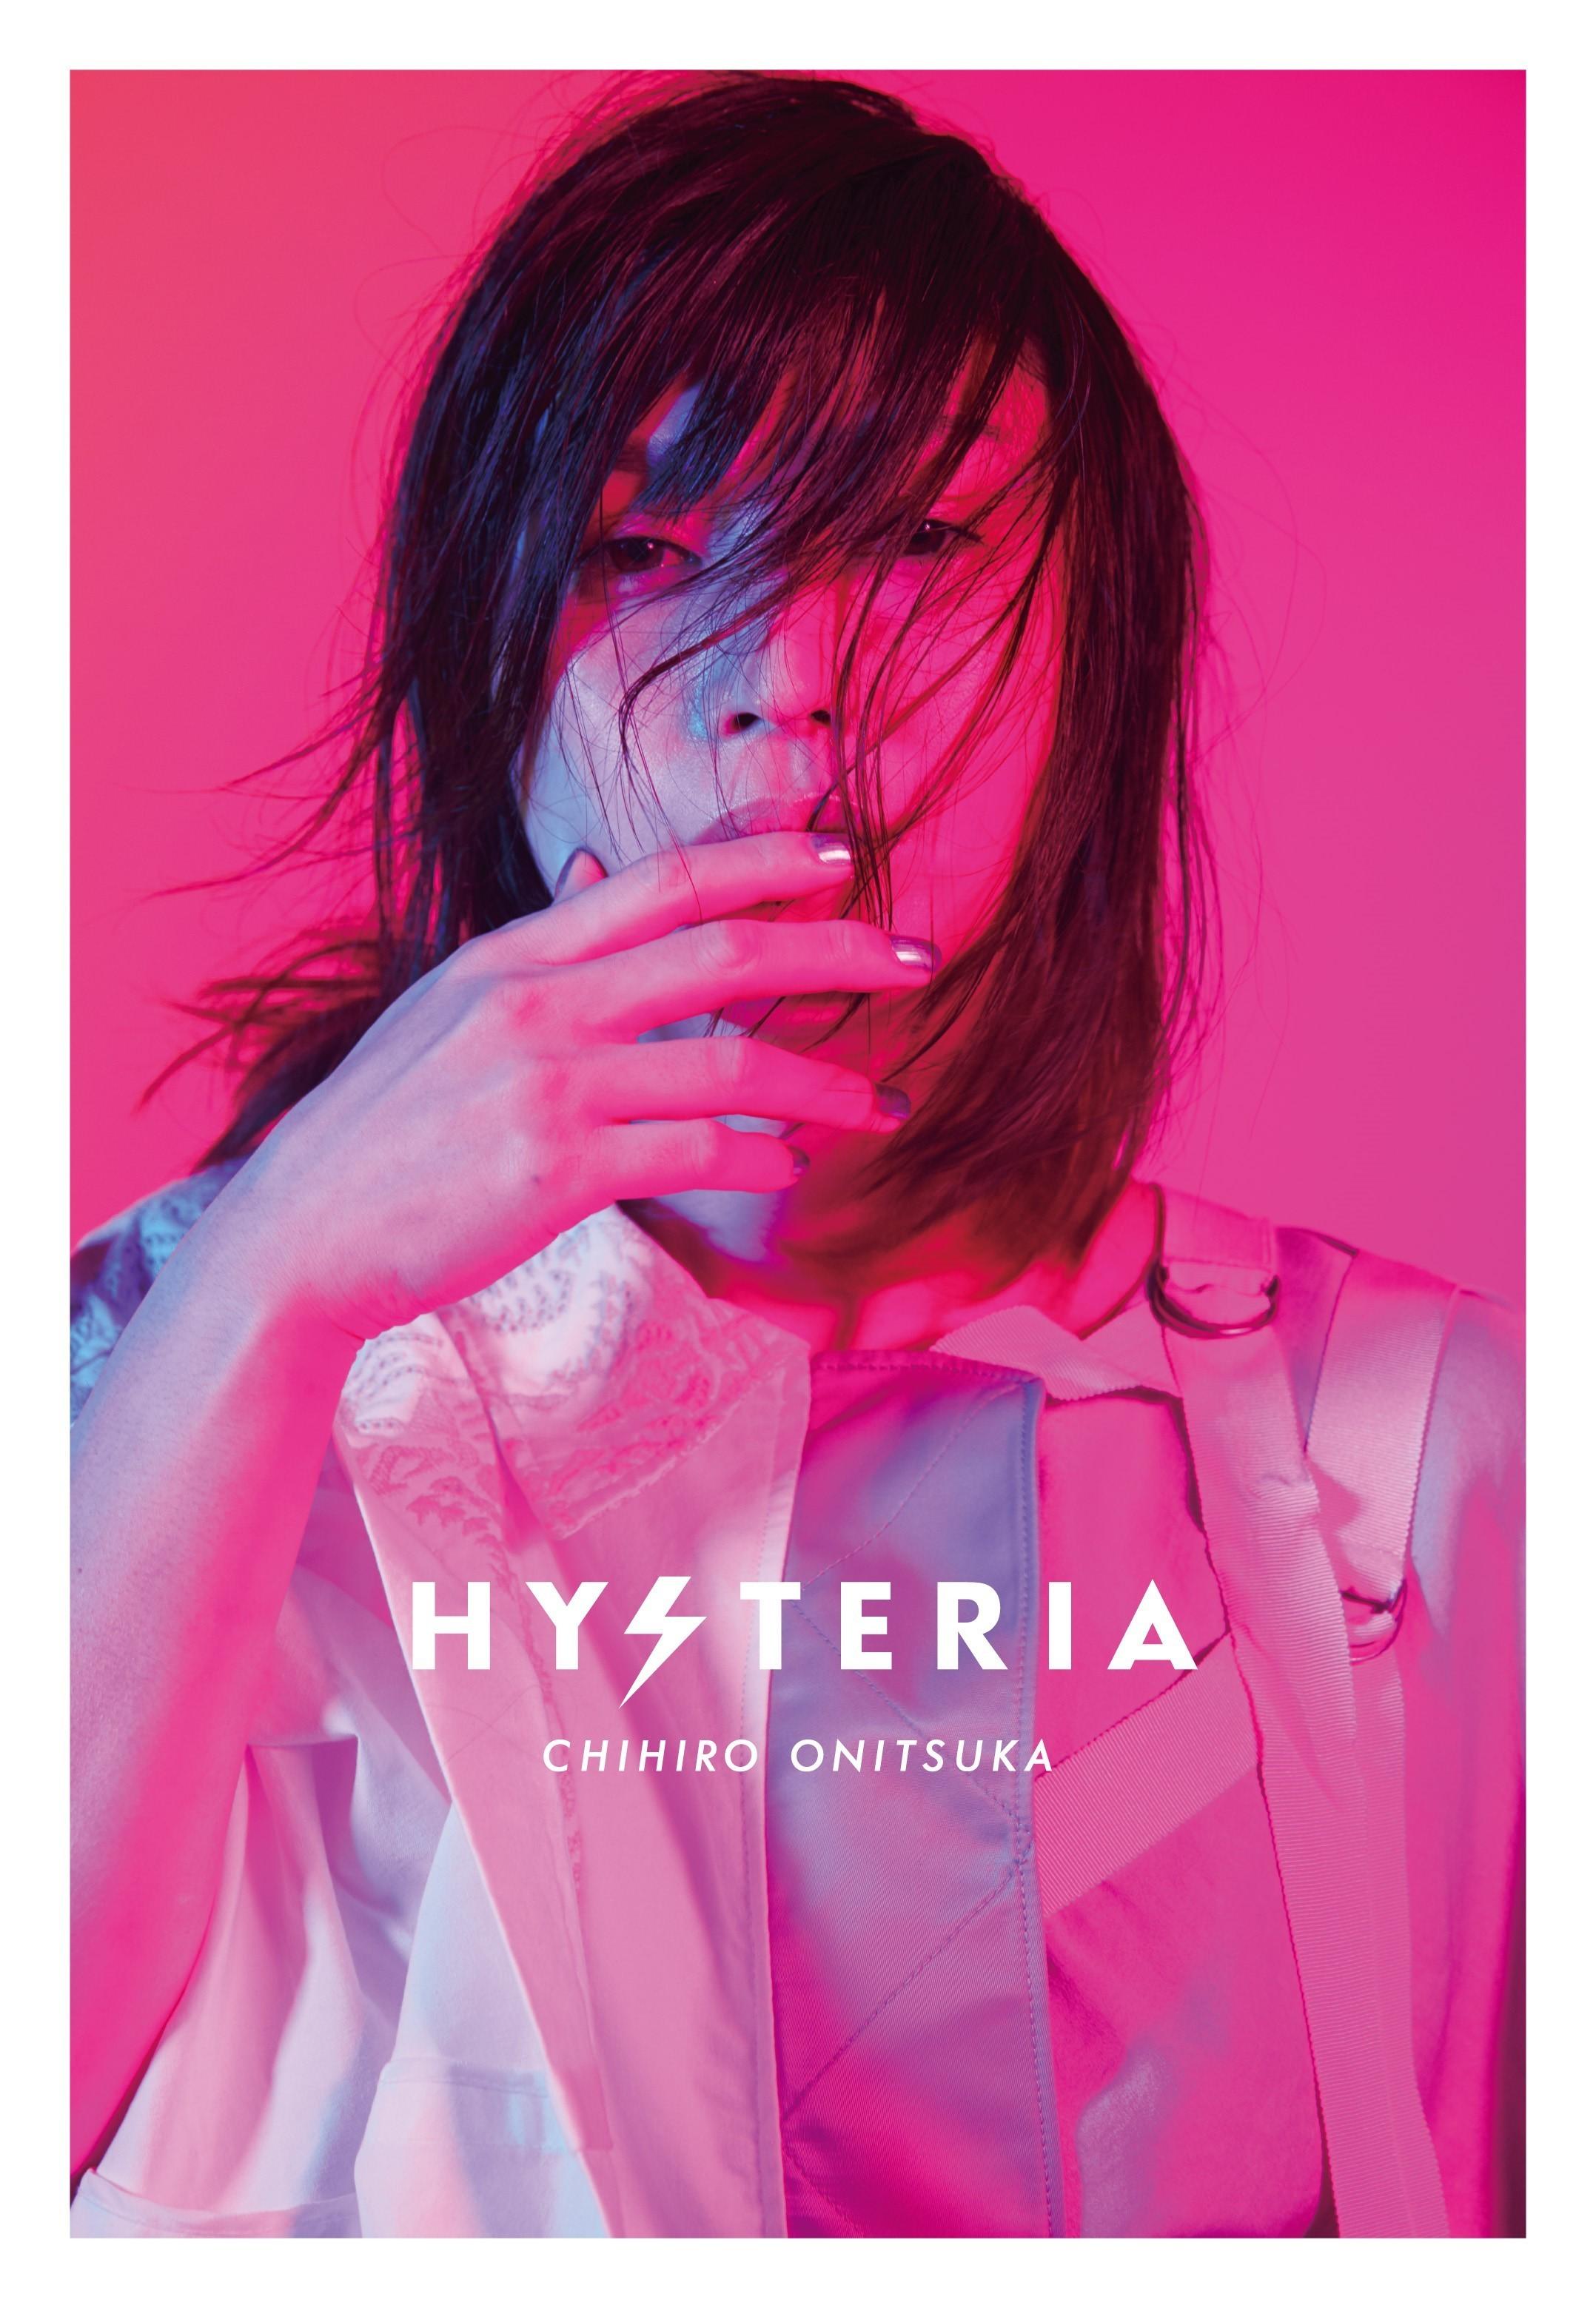 Hysteria_pce_jphoto